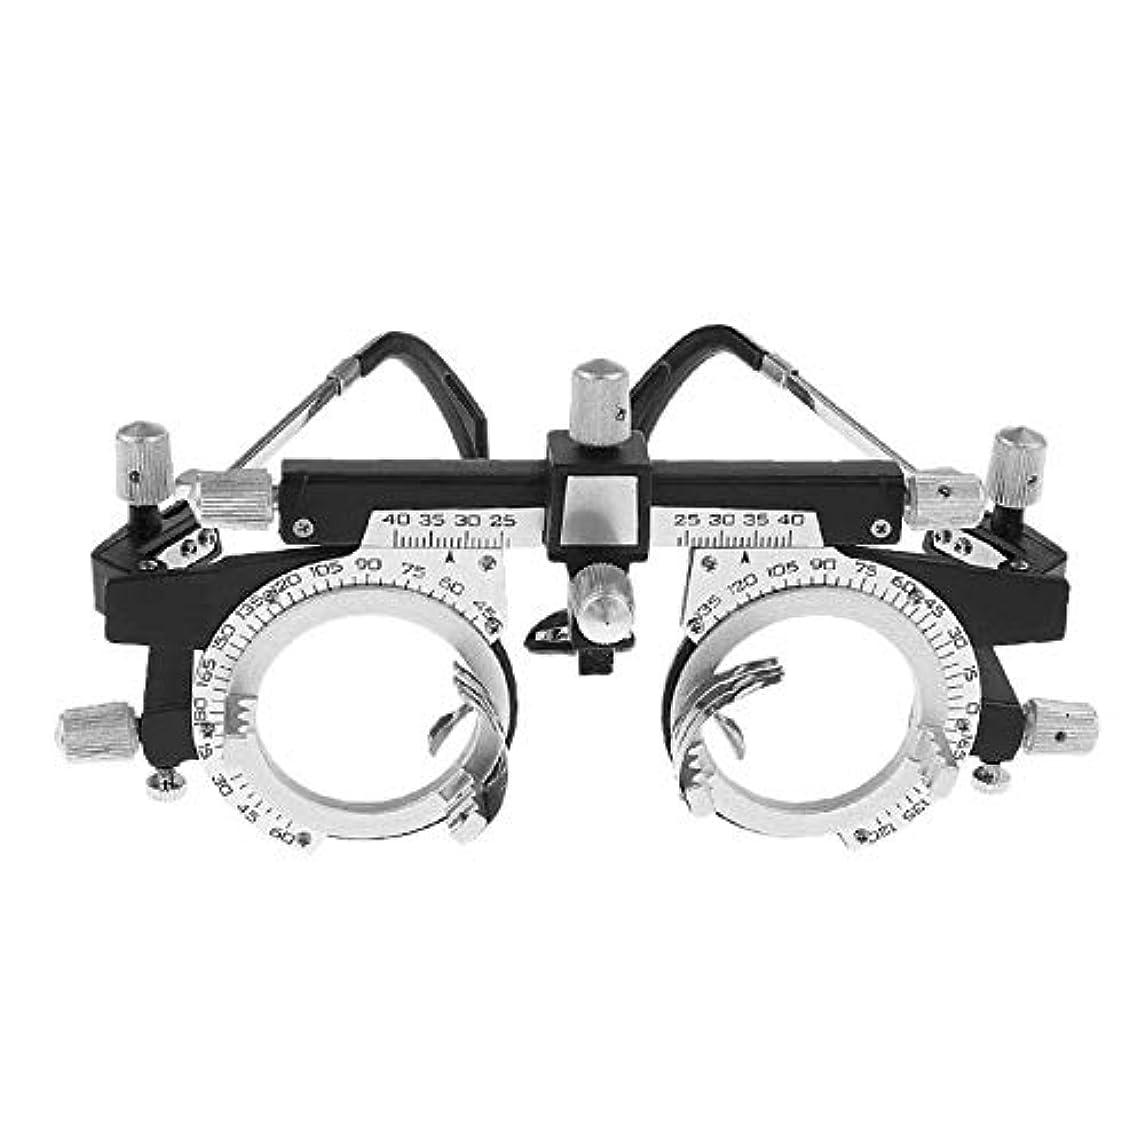 不可能なバブル便利Bonni 調整可能なプロフェッショナルアイウェア検眼メタルフレーム光学眼鏡眼鏡トライアルレンズメタルフレームPD眼鏡アクセサリー